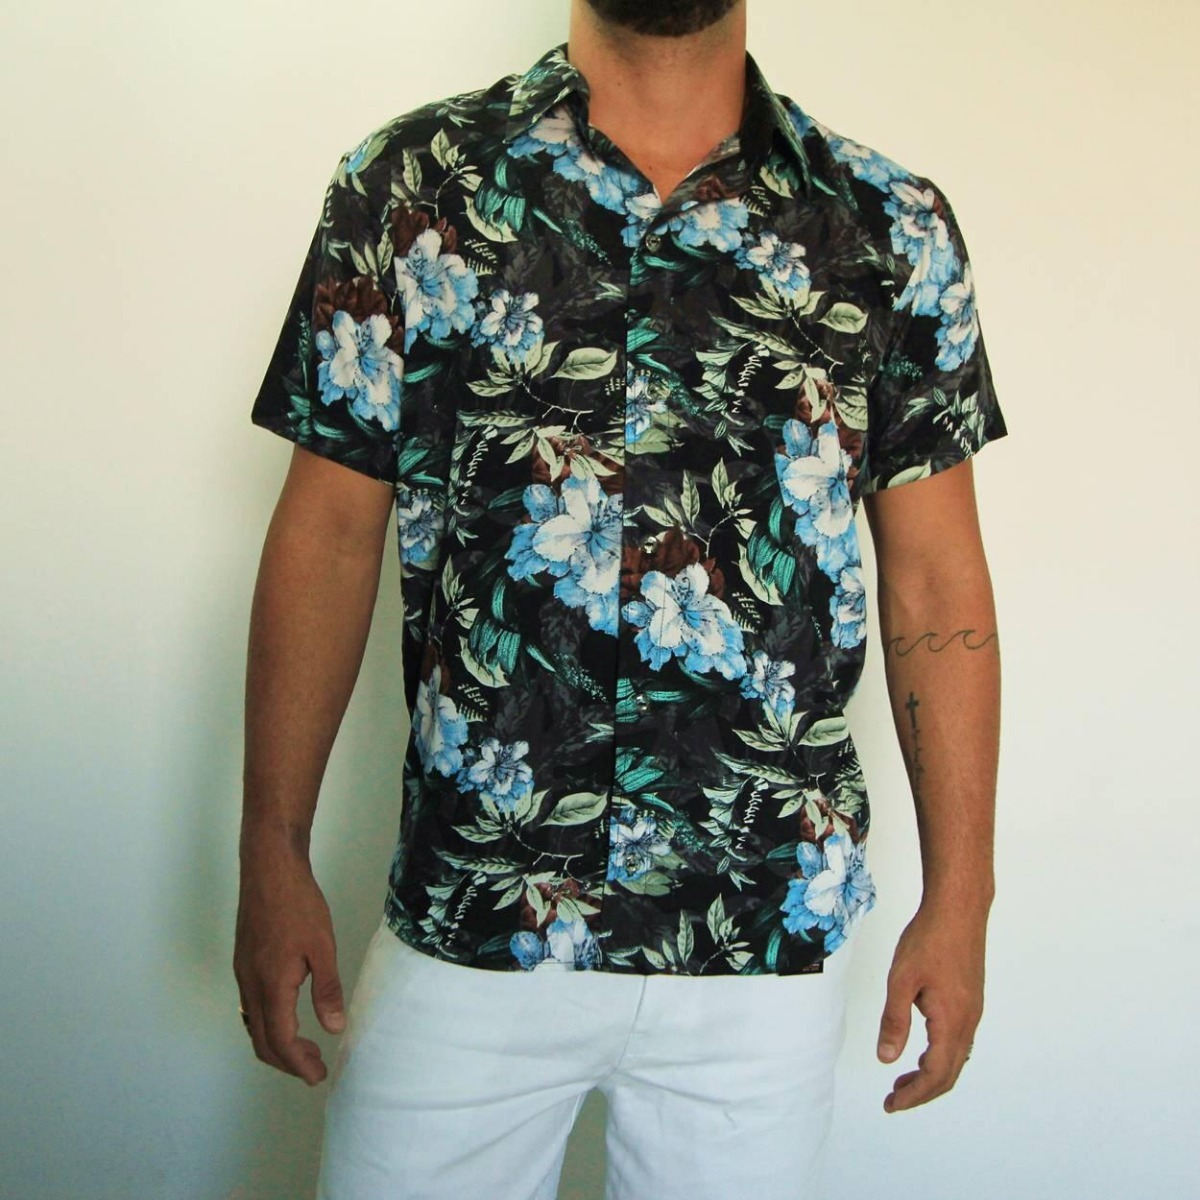 8734c7ff5d camisa floral masculina estampada preta verão 2019. Carregando zoom.